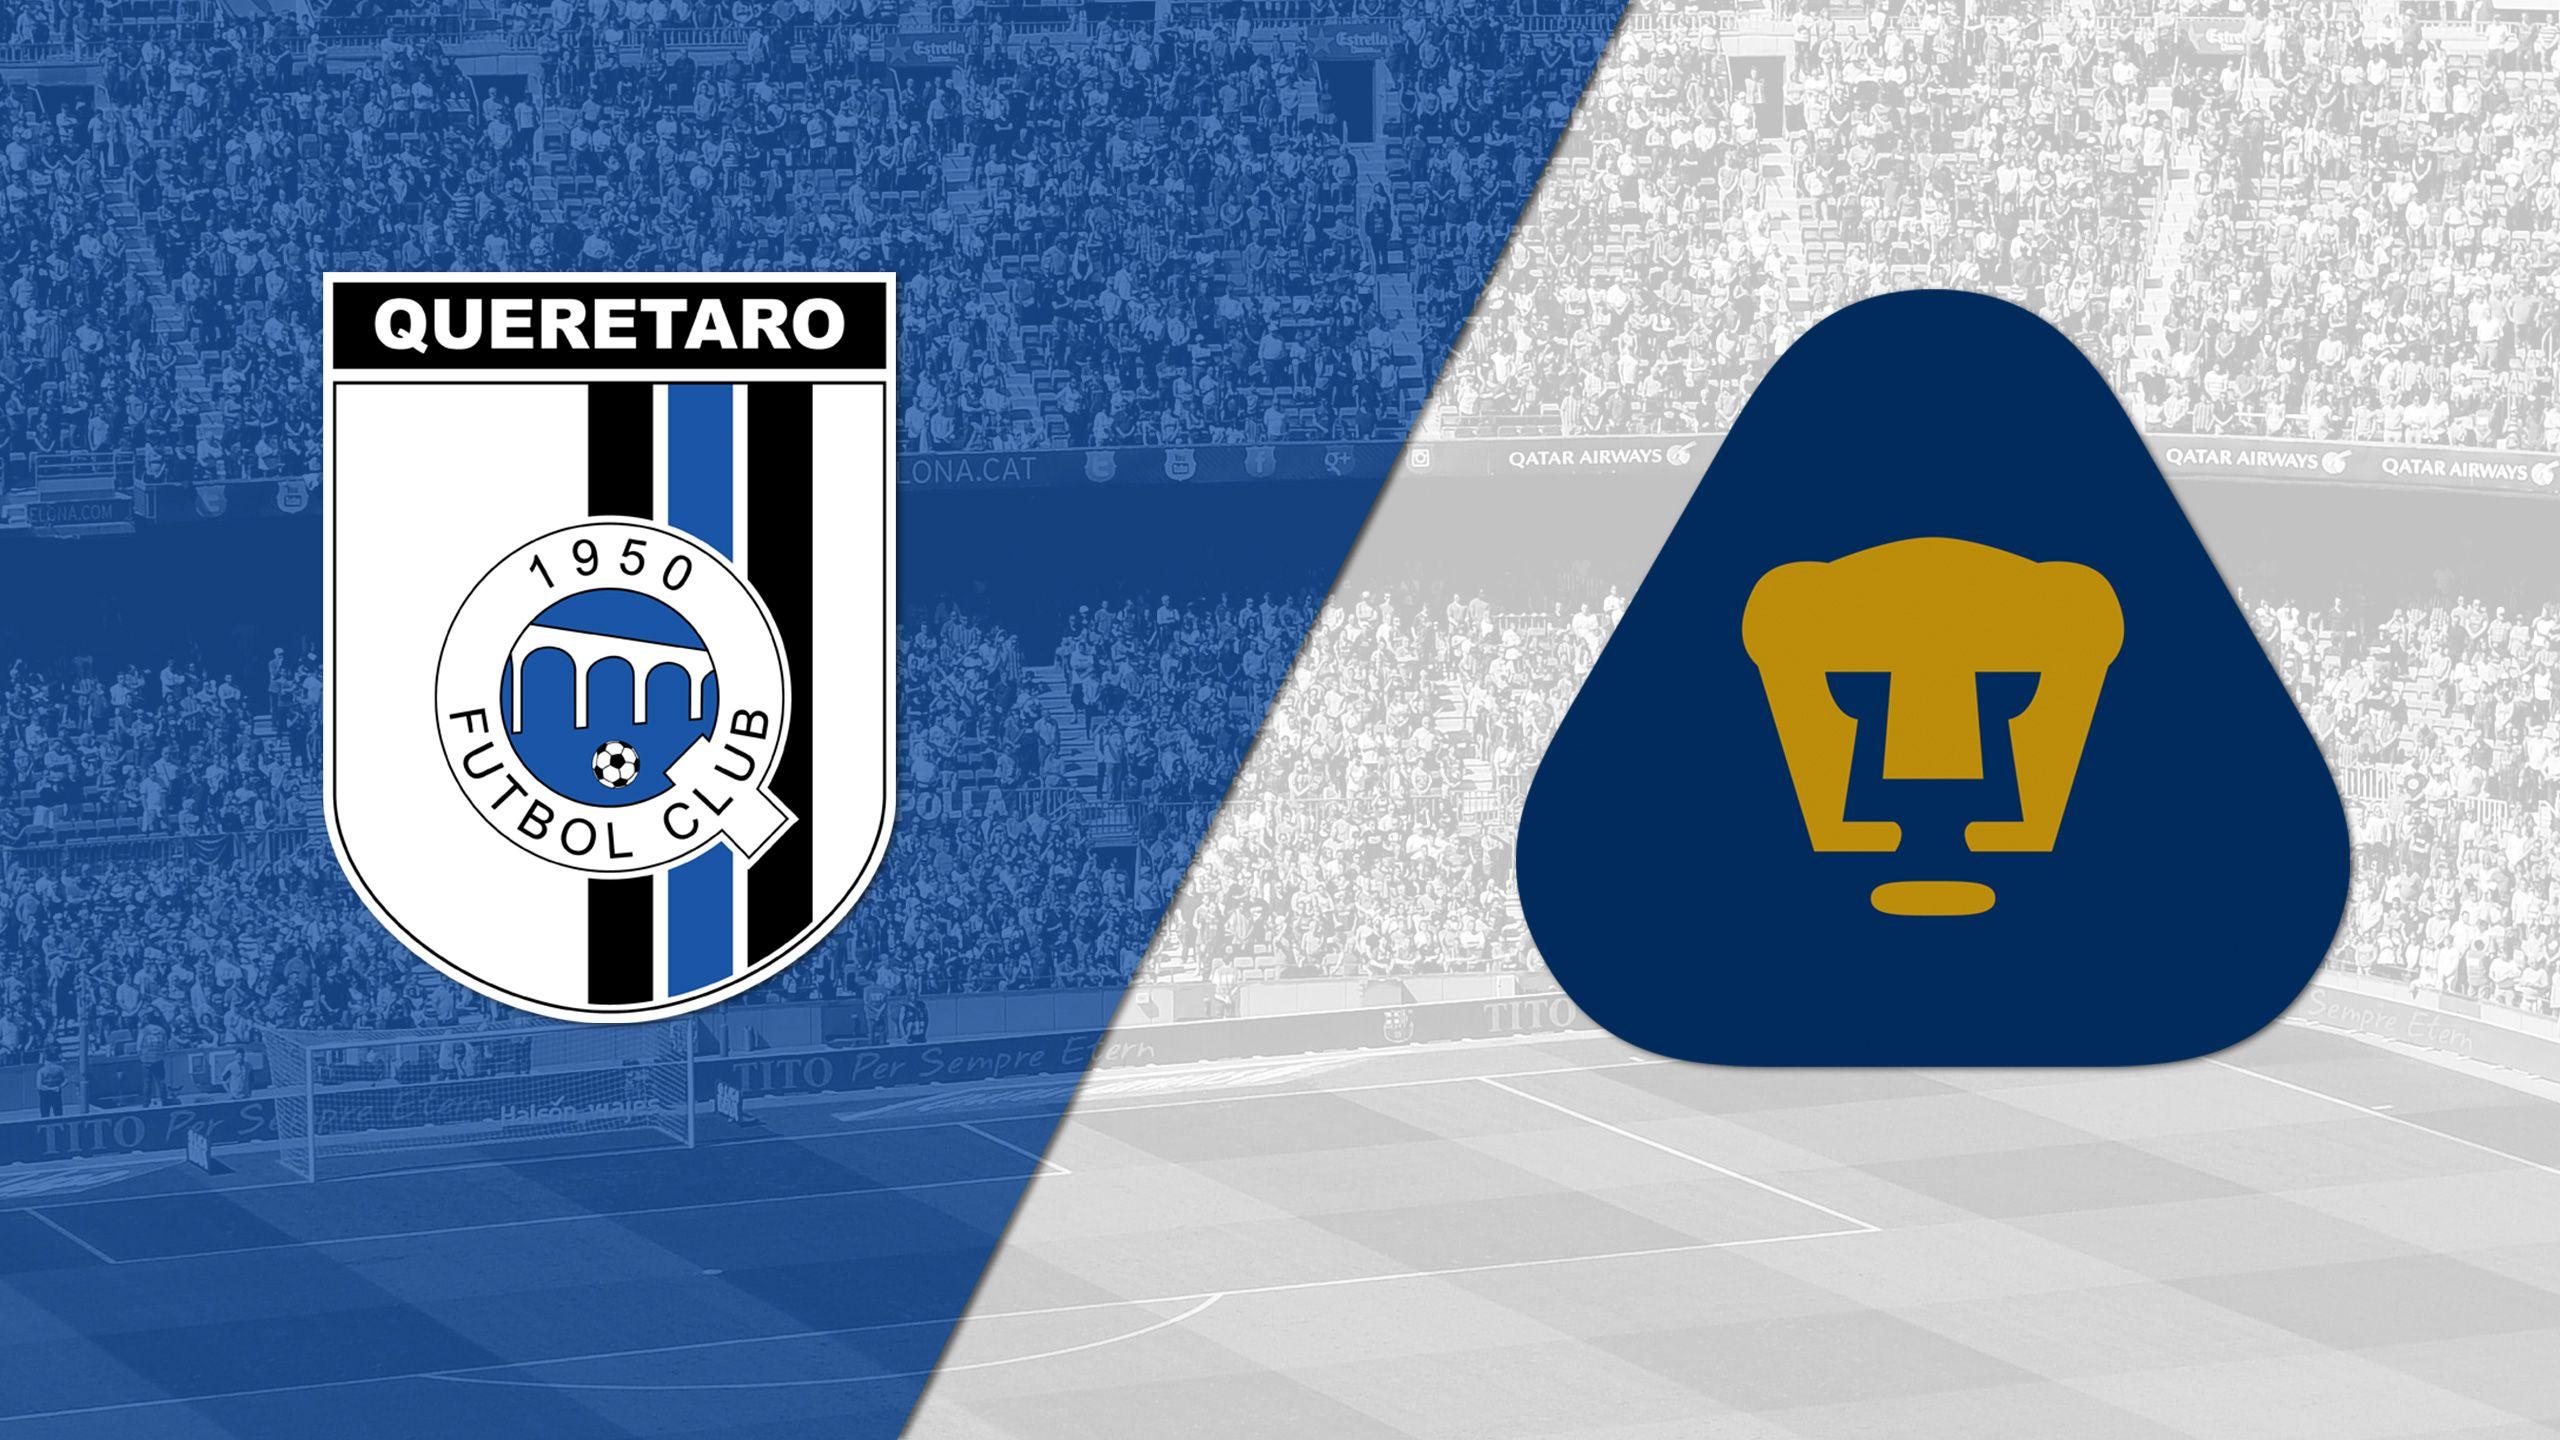 In Spanish - Querétaro vs. Pumas UNAM (Matchday #17) (Liga MX)